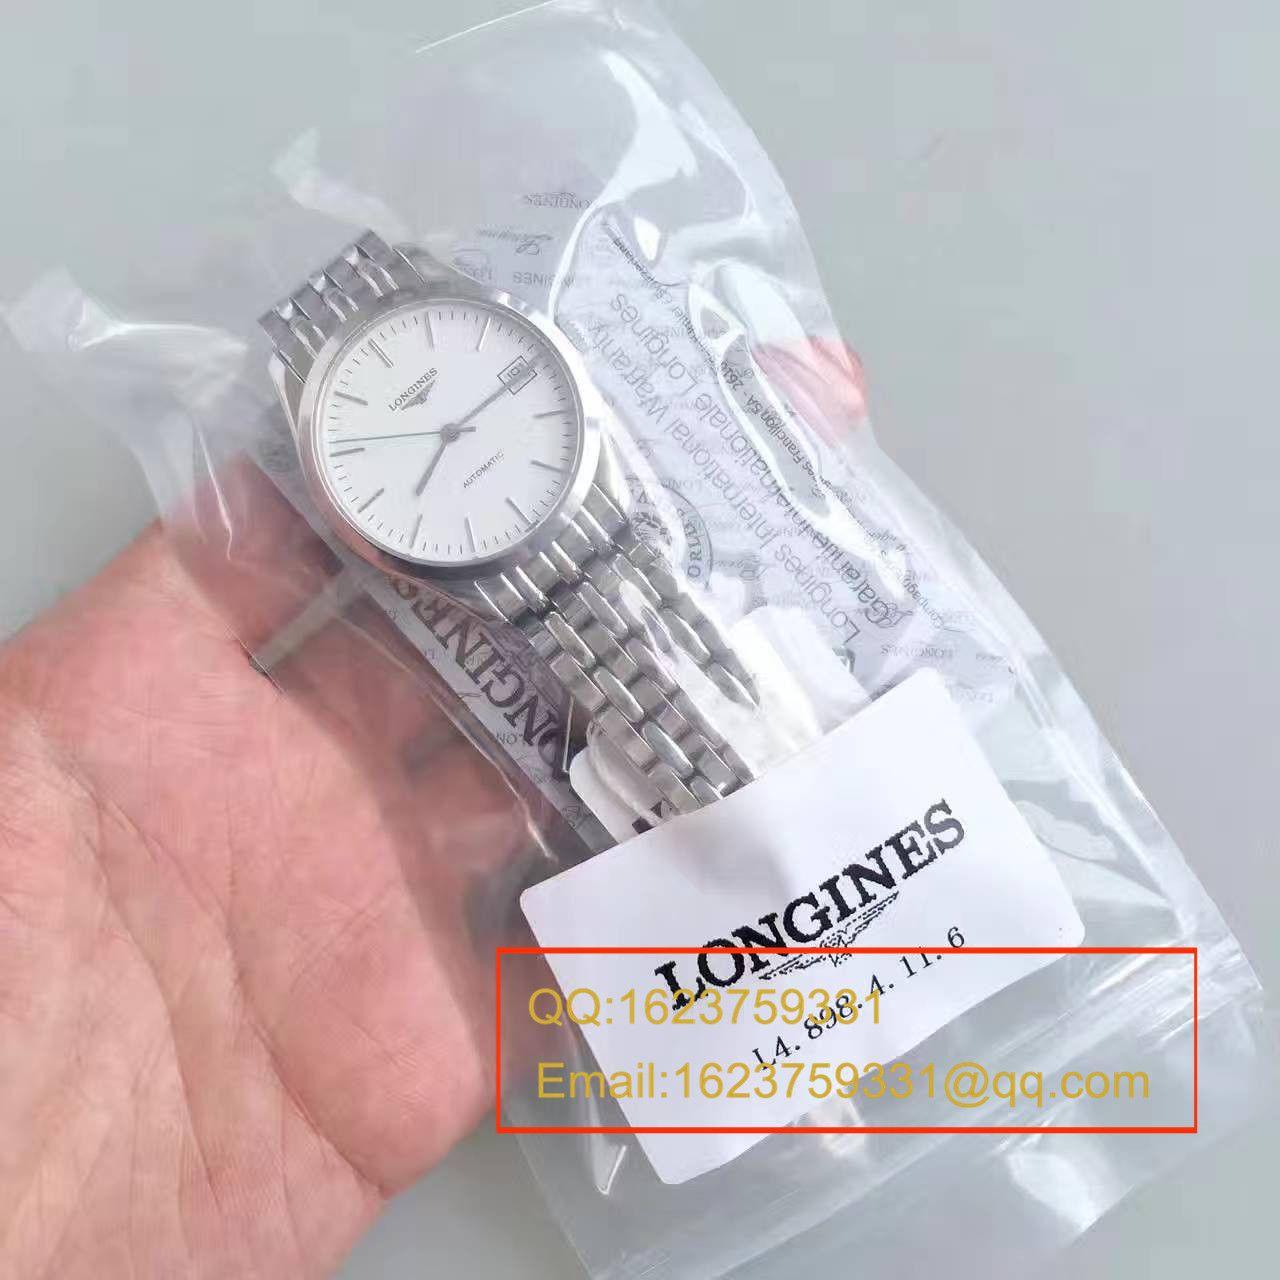 【台湾厂1:1复刻手表】浪琴雅致系列L4.898.4.12.6腕表 / L071